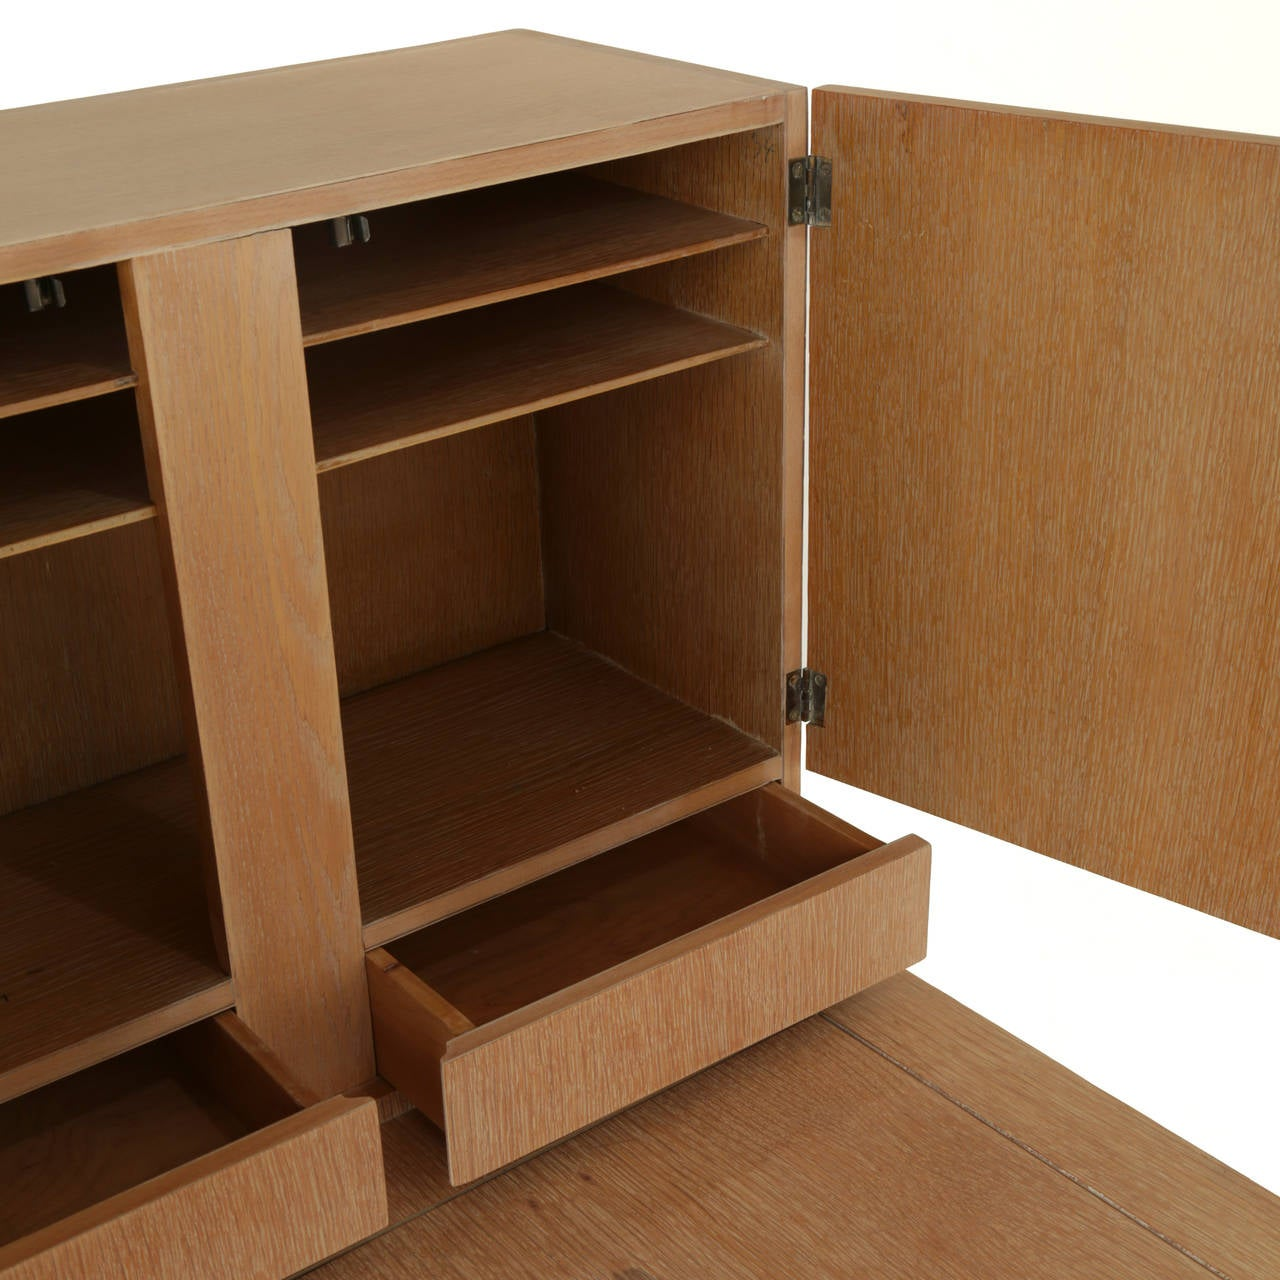 Oak Secretary Desk by Irwin with Letter Cabinet For Sale 2